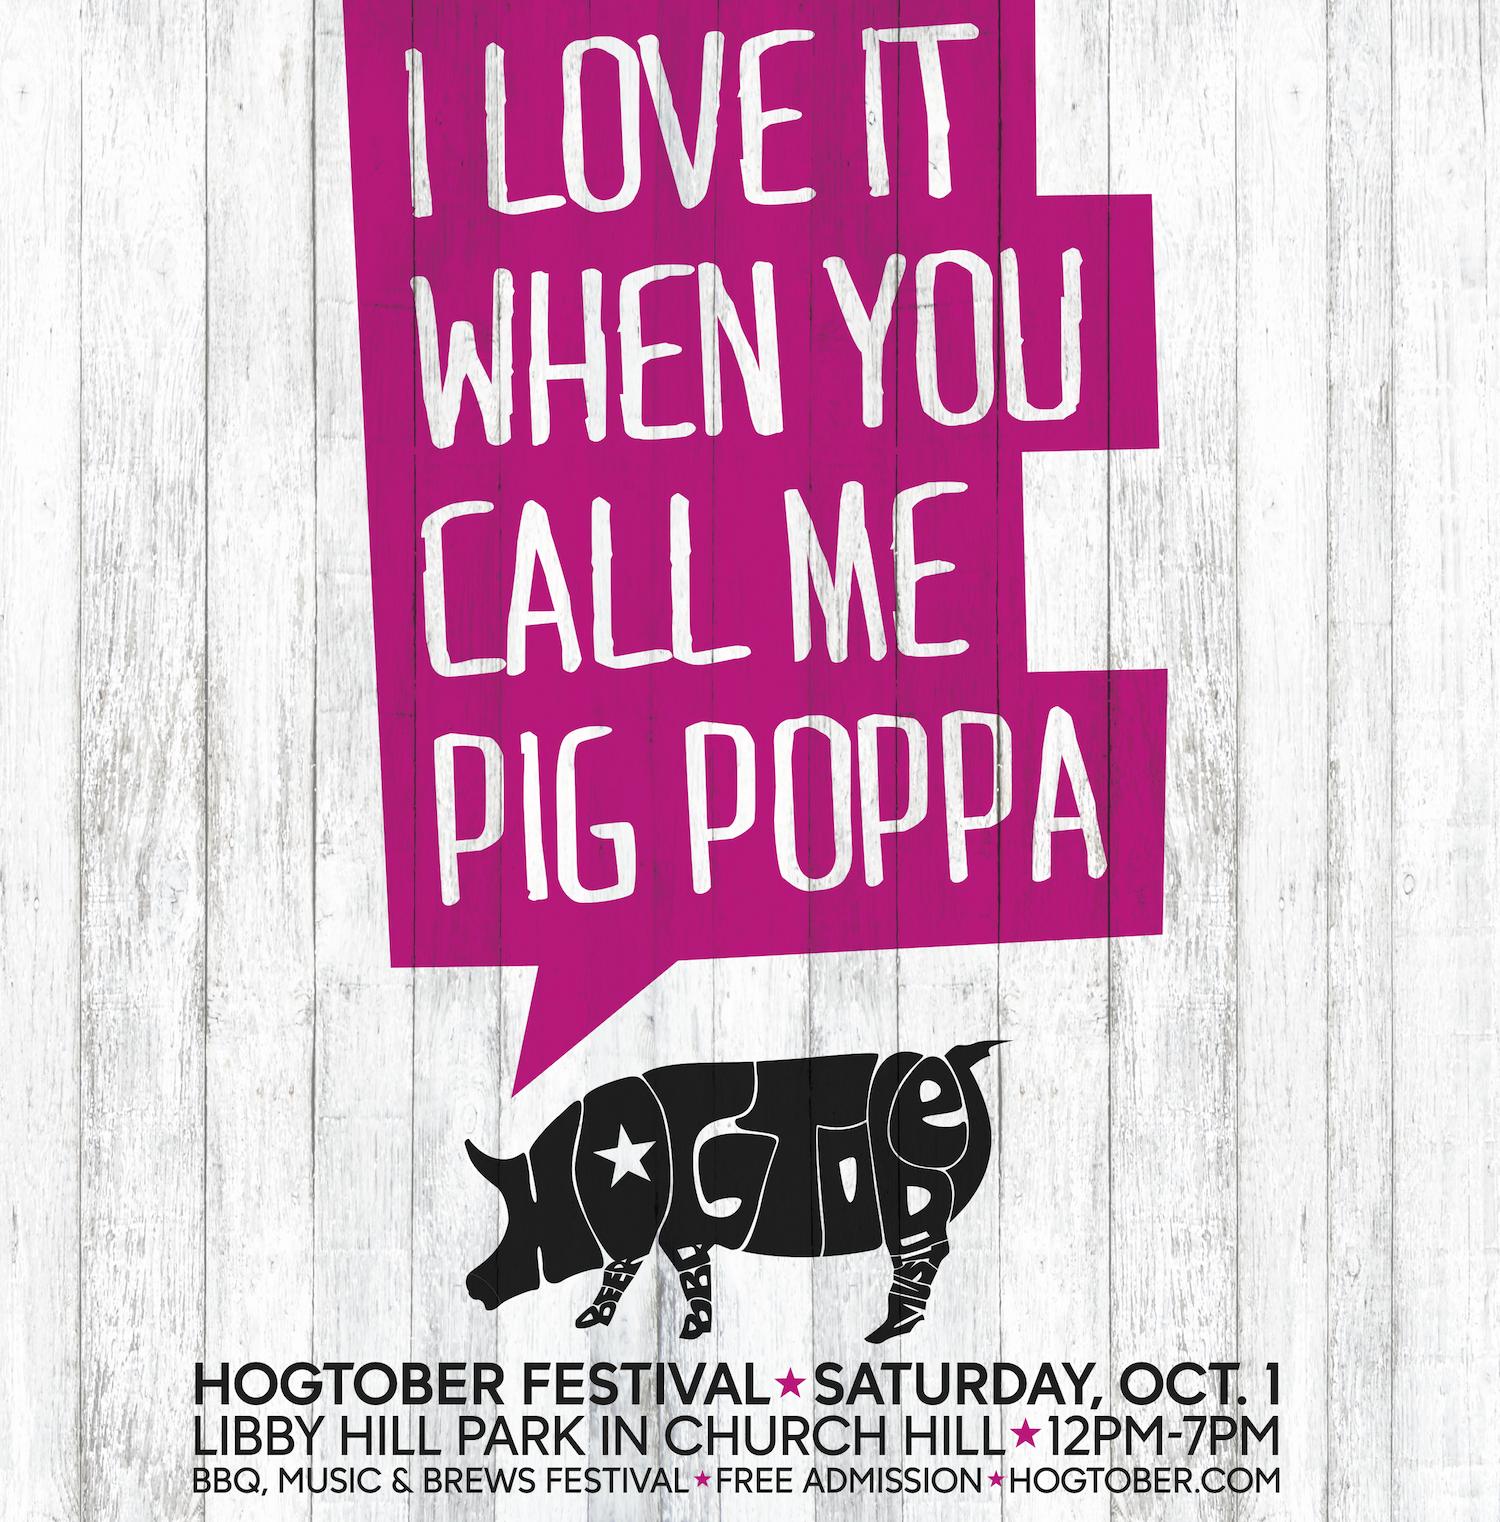 Hogtober ad Pig